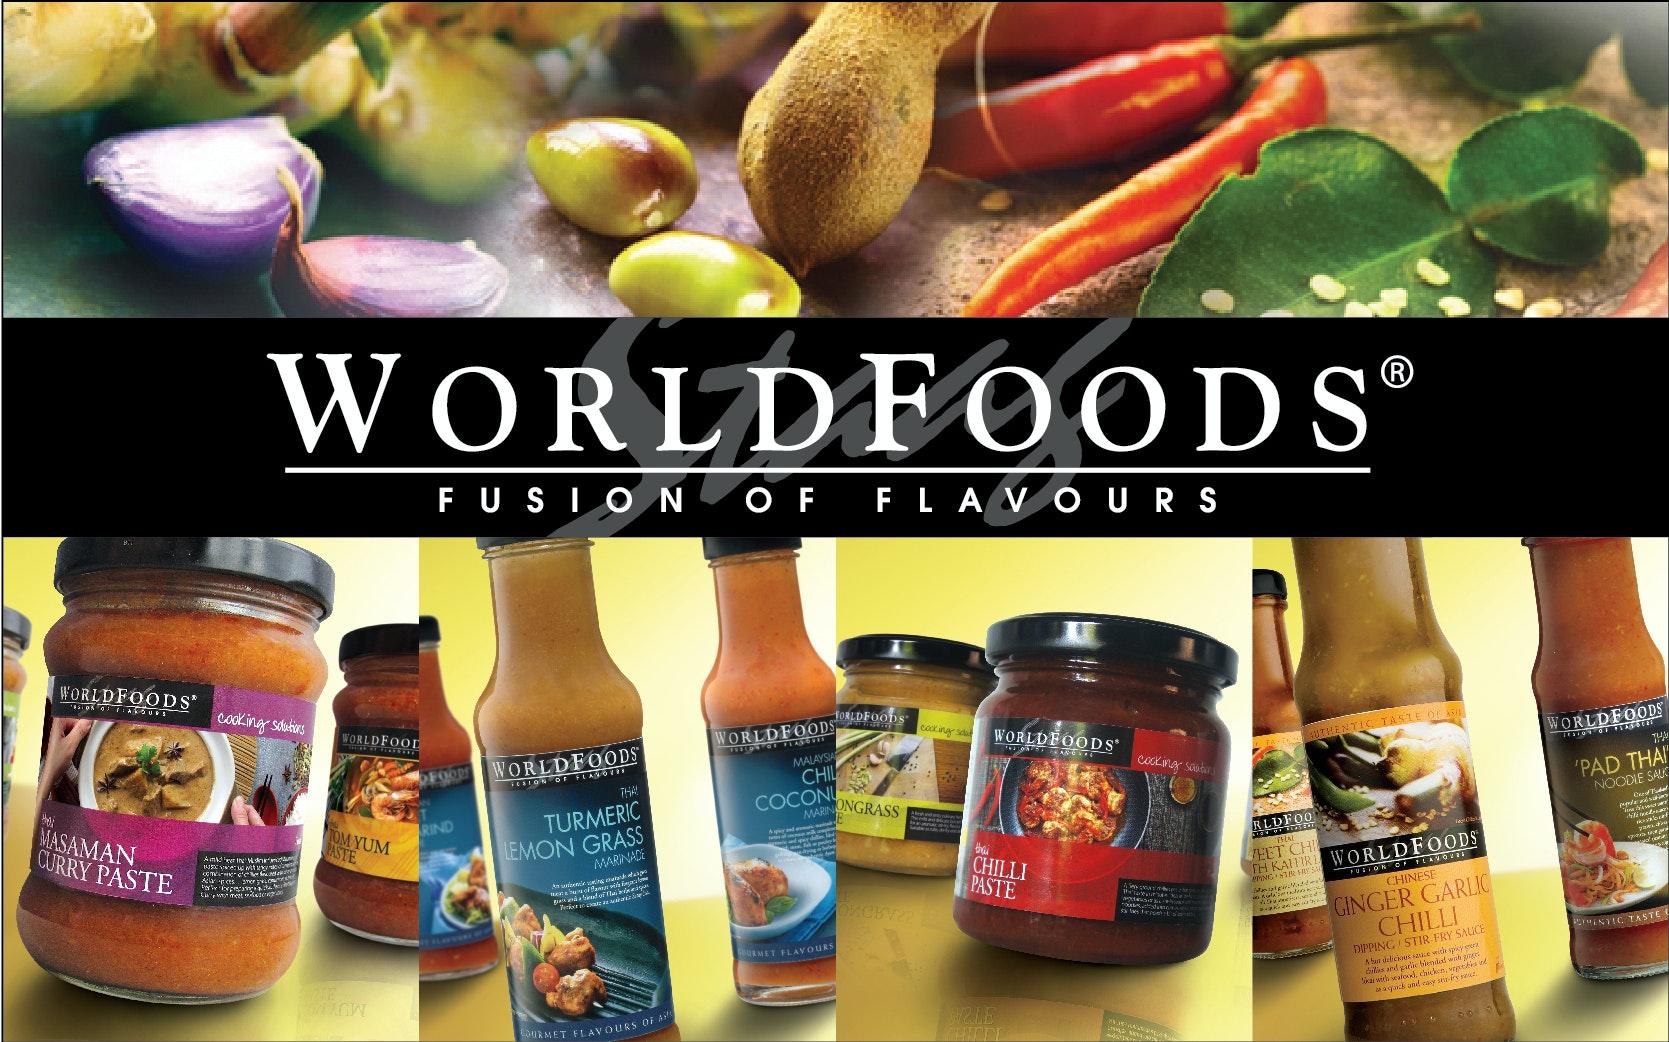 Worldfoods image 1